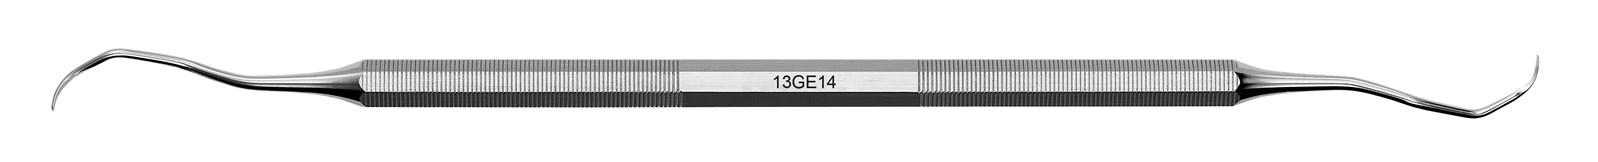 Kyreta Gracey Classic - 13GE14, ADEP silikonový návlek červený